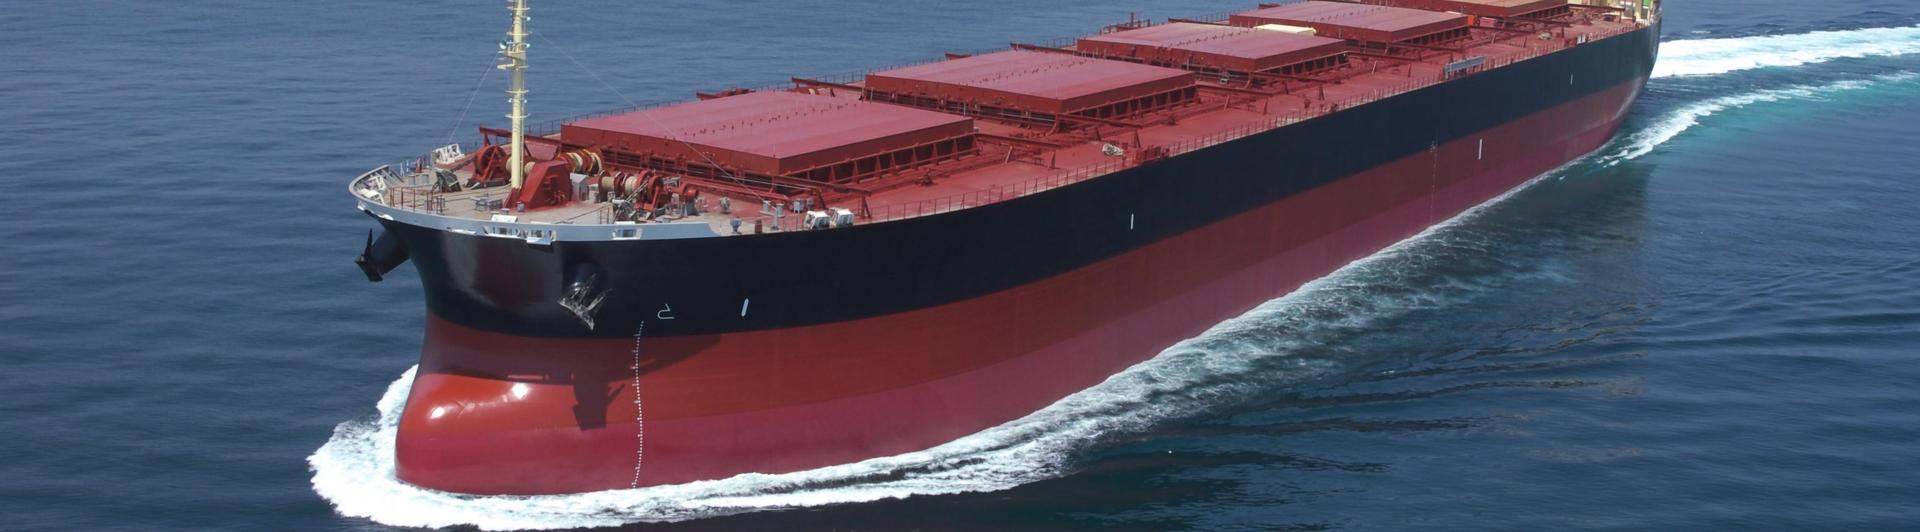 Ships for Sale : Top Shipbrokers - Ship Cash Buyers in Dubai UAE